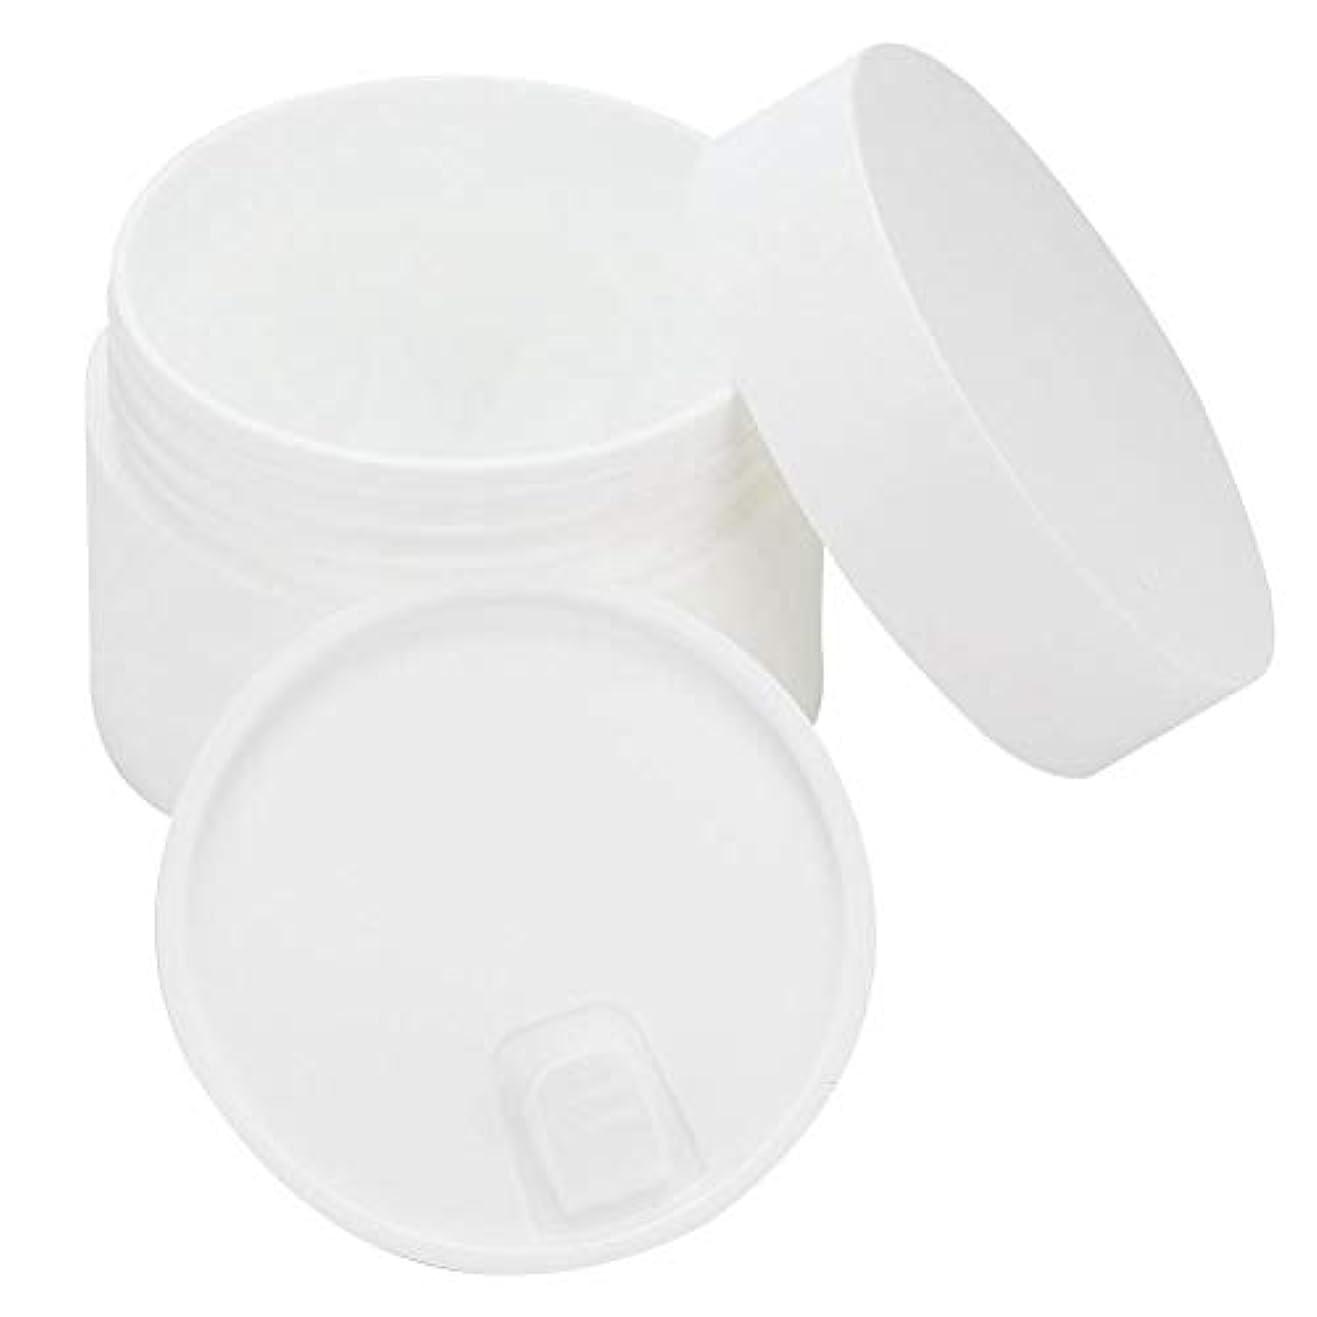 あからさま兵隊咽頭30g空の旅行フェイシャルクリームボトル充填可能なスキンケア製品容器ボトルDIYマスクボトル